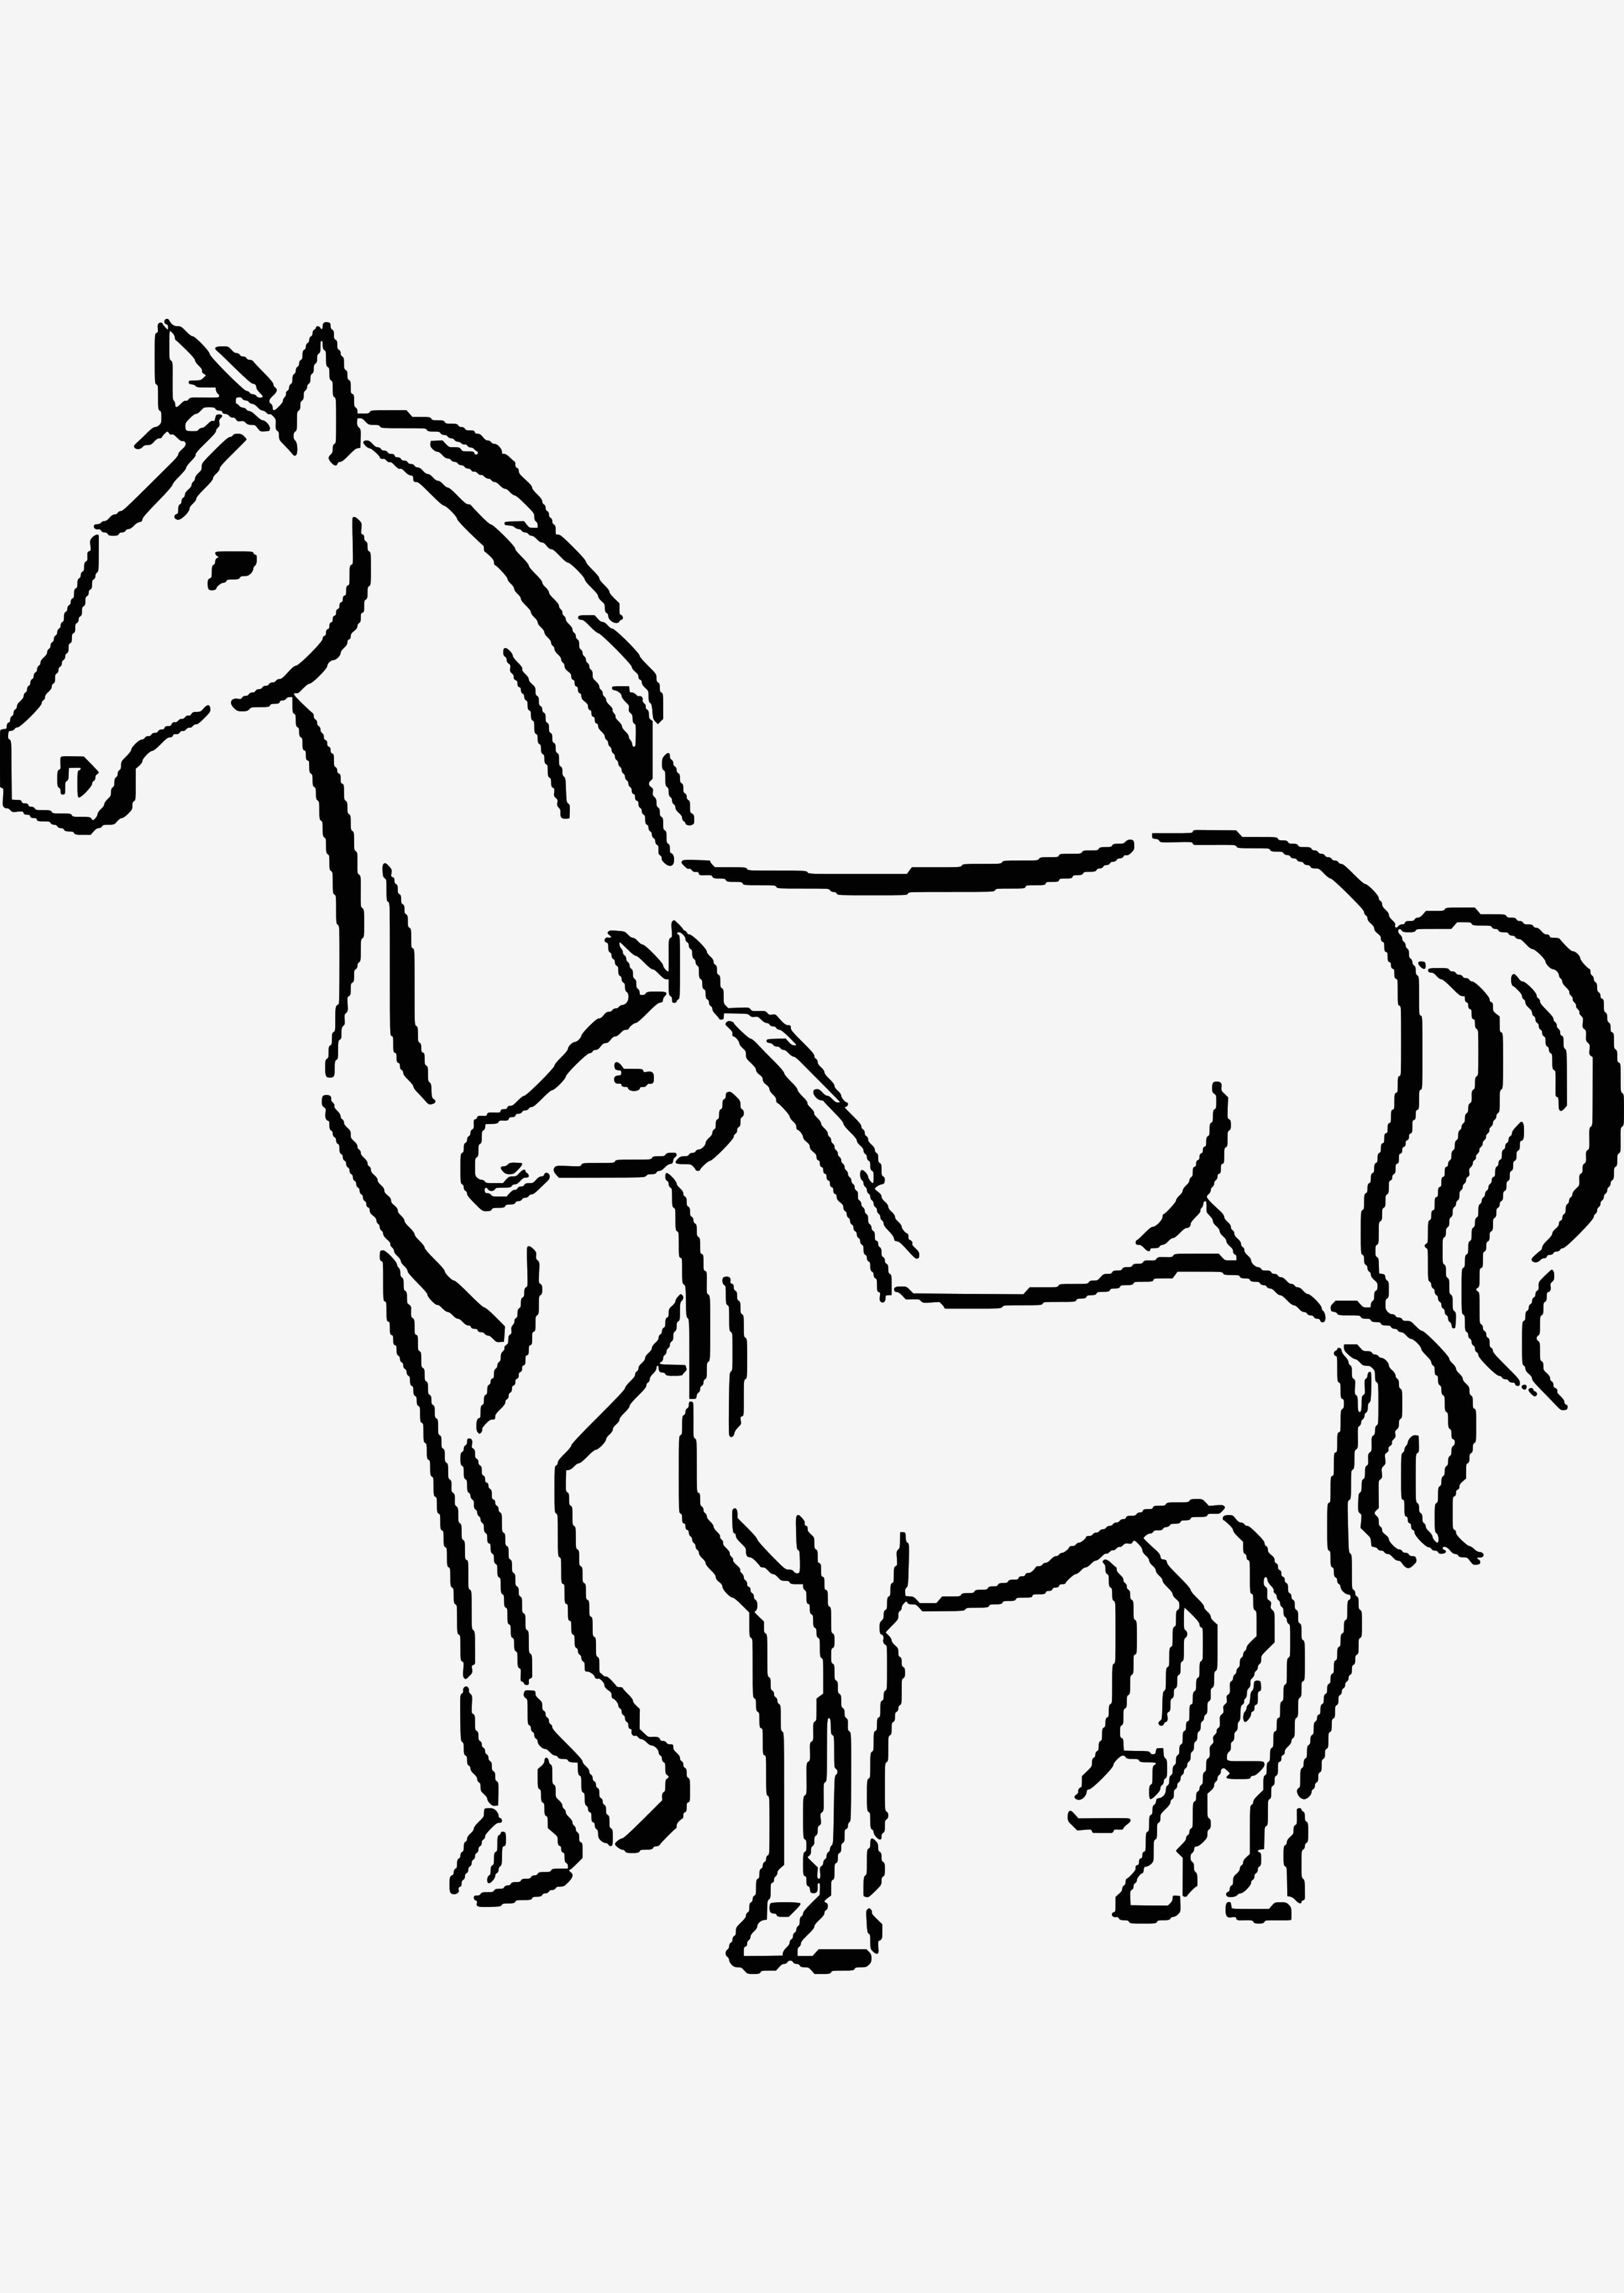 Pferde Bilder Zum Ausdrucken Das Beste Von Pferde Ausmalbilder Beispielbilder Färben Christmas Coloring Pages Das Bild